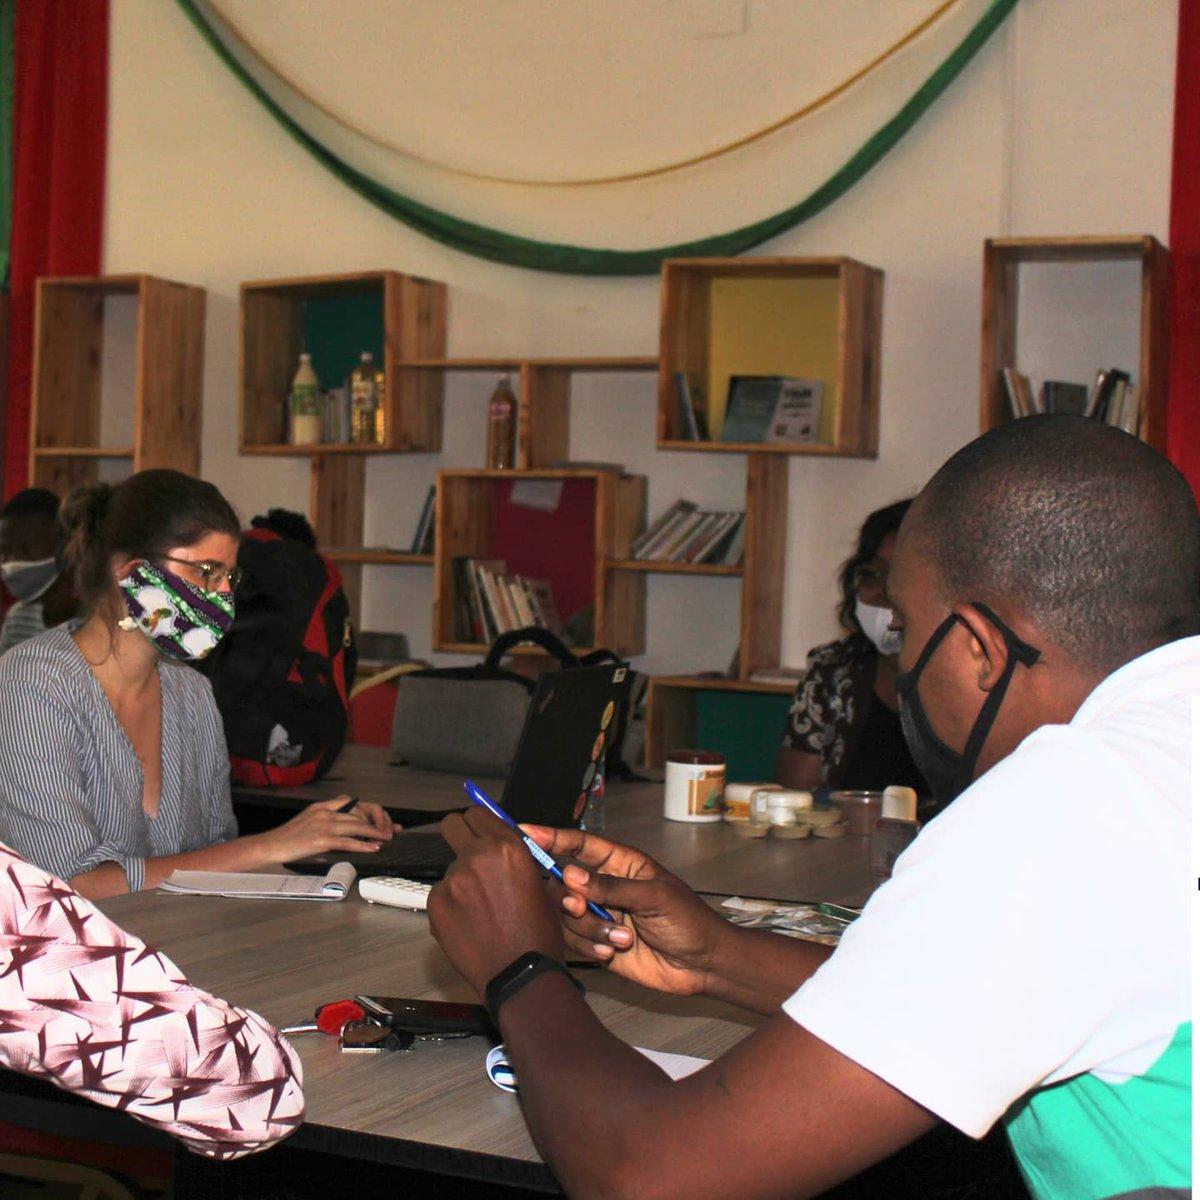 Nous étions très heureux du passage de Alice Levasseur et Anna-lisa Wirth de la GIZ dans nos locaux hier. Ce fût une séance de partages avec les jeunes entrepreneurs qu'on espère pouvoir concrétiser bientôt en partenariat.  Encore une fois, merci. #giz #nunyalab #togo #faiej https://t.co/dK2ktO4Di6